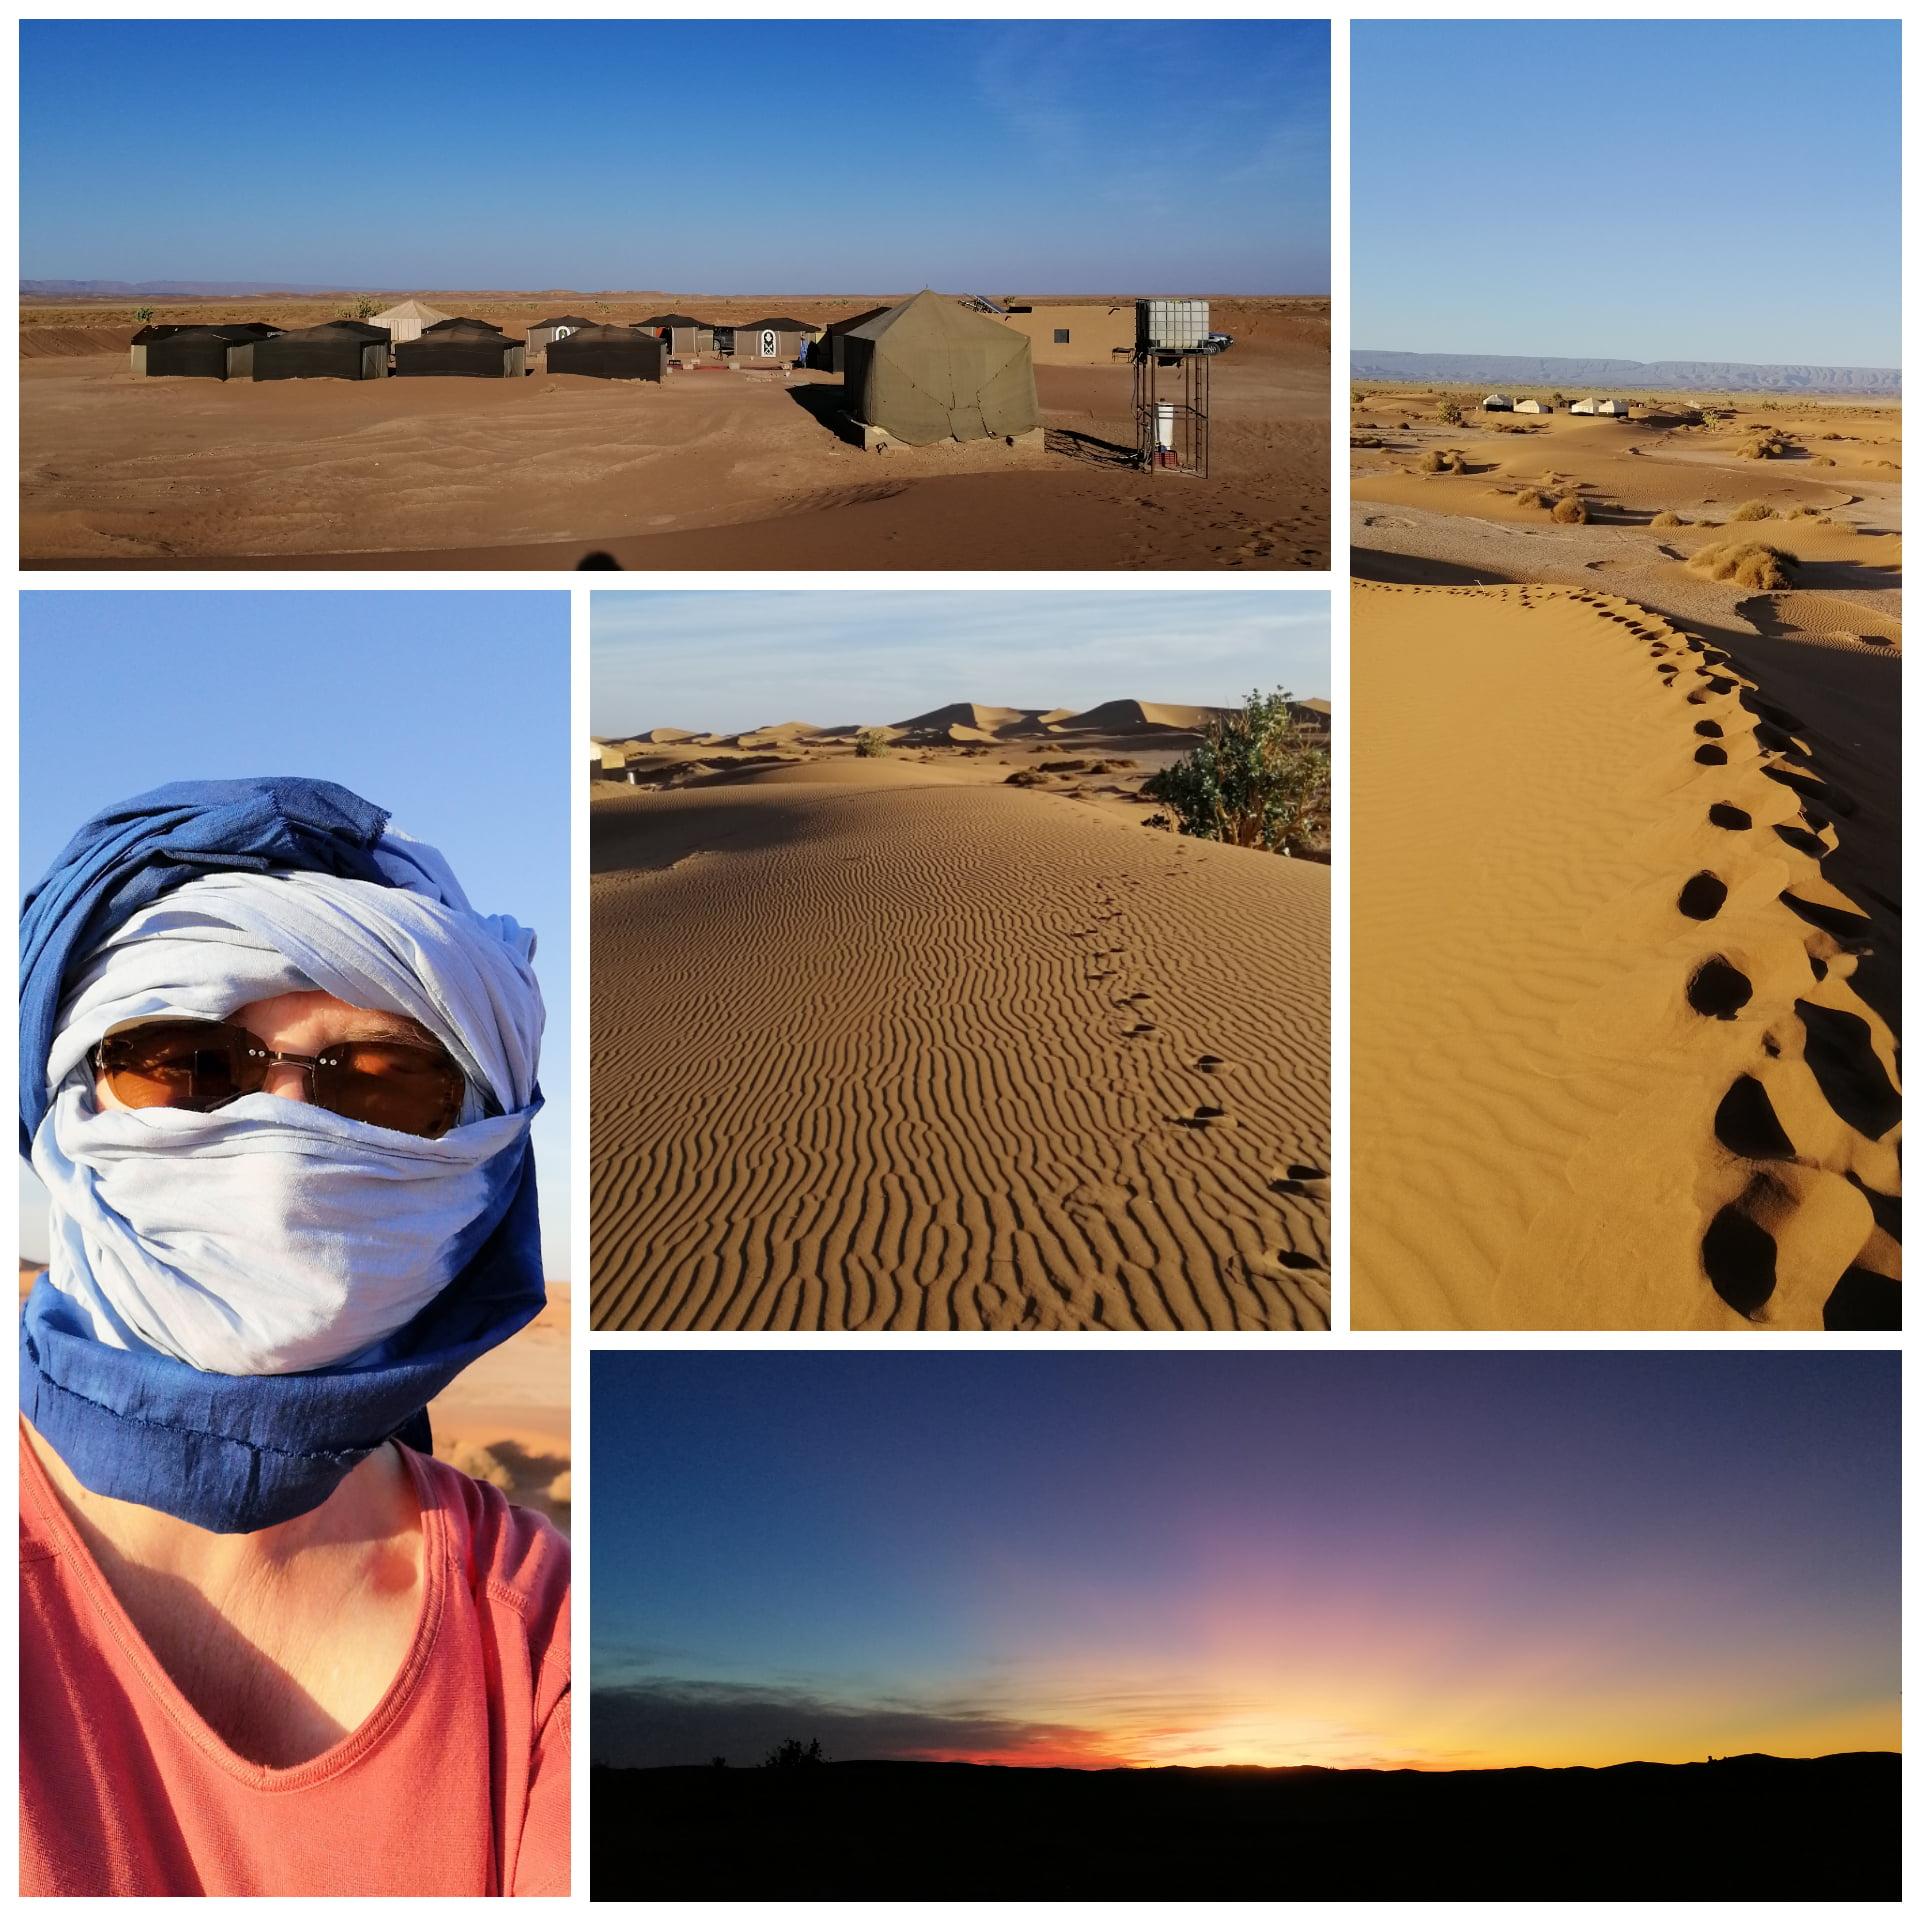 15 au 26 février 2021 : Voyage culturel et de ressourcement dans le désert au Maroc 8